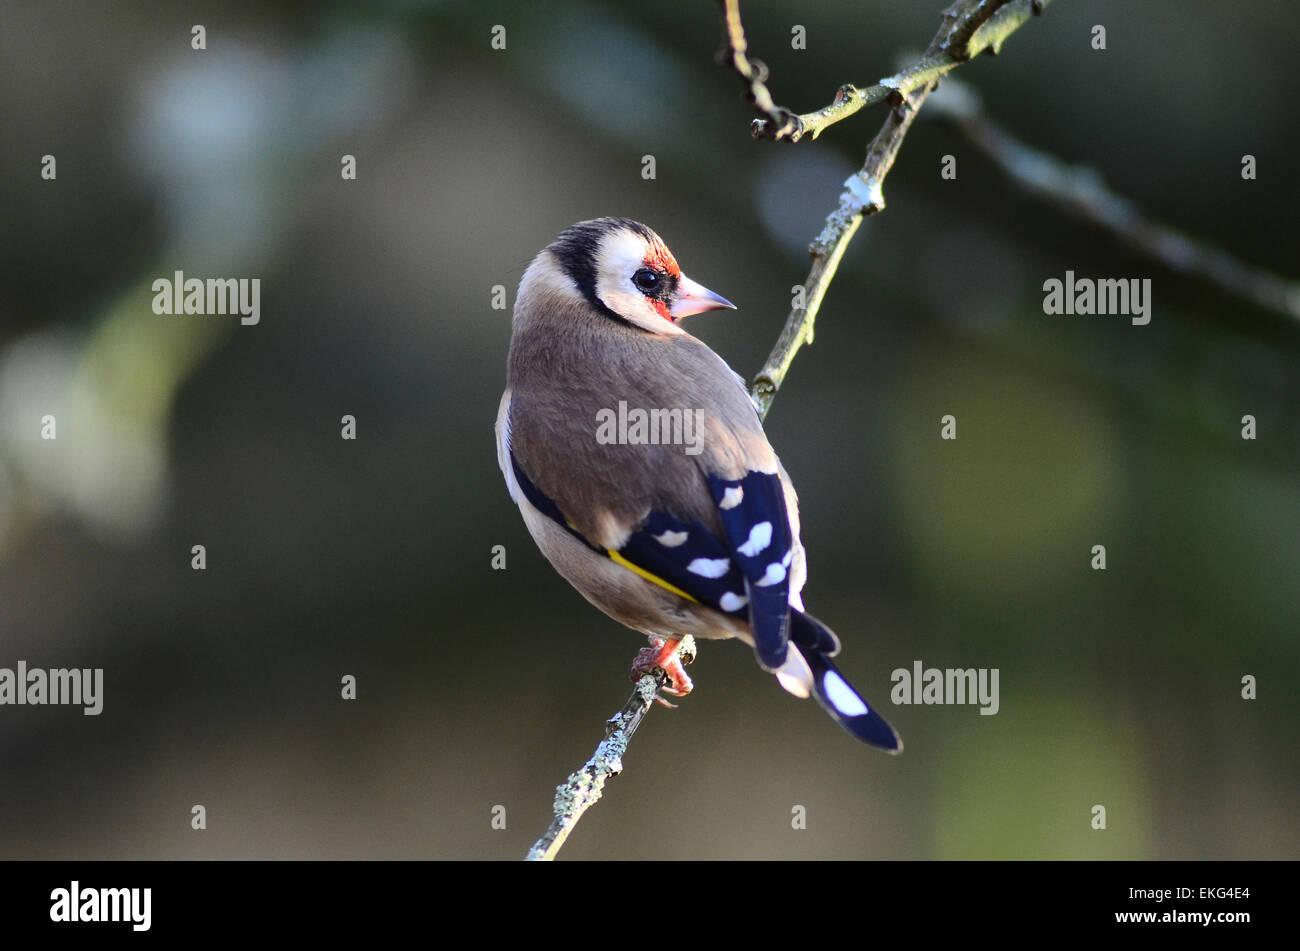 bird back garden uk stock photos u0026 bird back garden uk stock